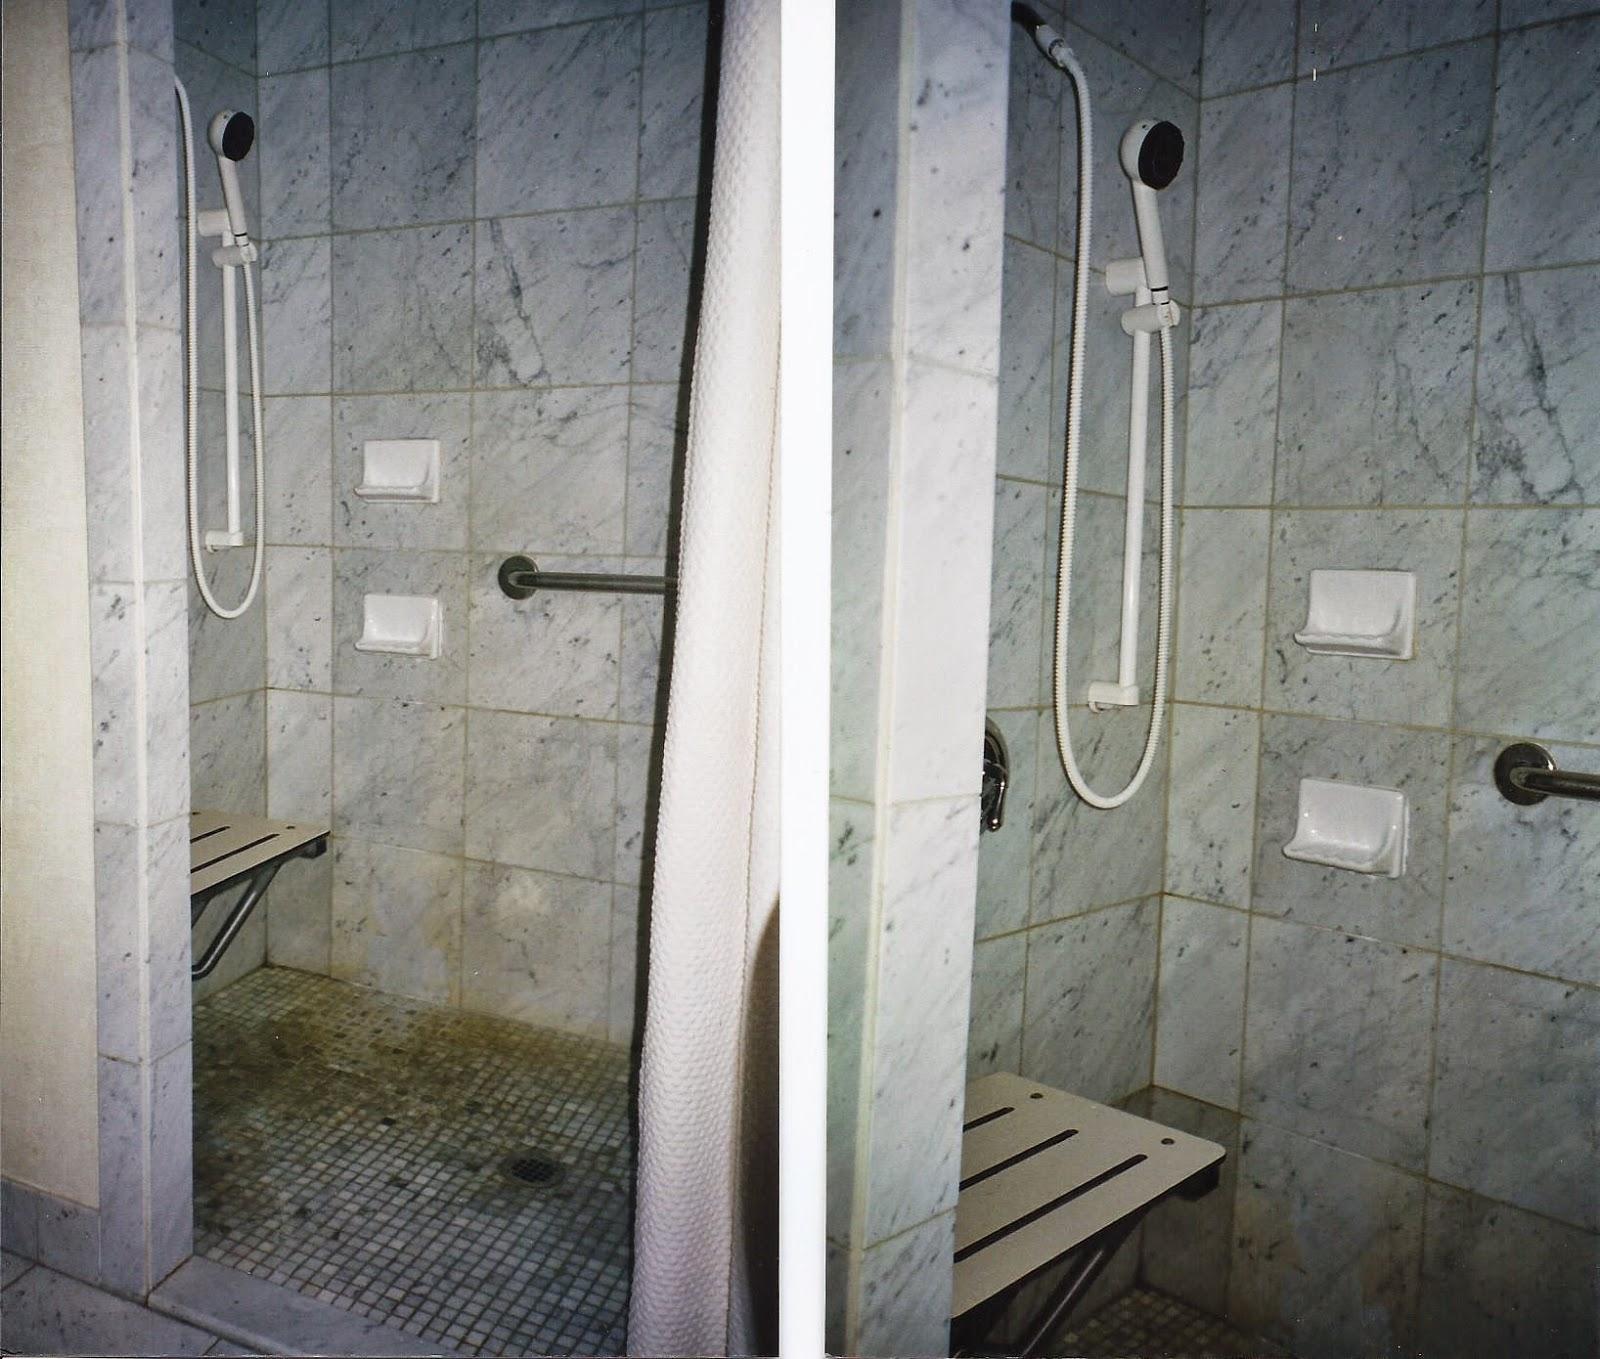 Full Size of Behindertengerechte Dusche Querollantin Wand Unterputz Armatur Antirutschmatte Kleine Bäder Mit Begehbare Fliesen Bodenebene Ohne Tür Mischbatterie Dusche Behindertengerechte Dusche